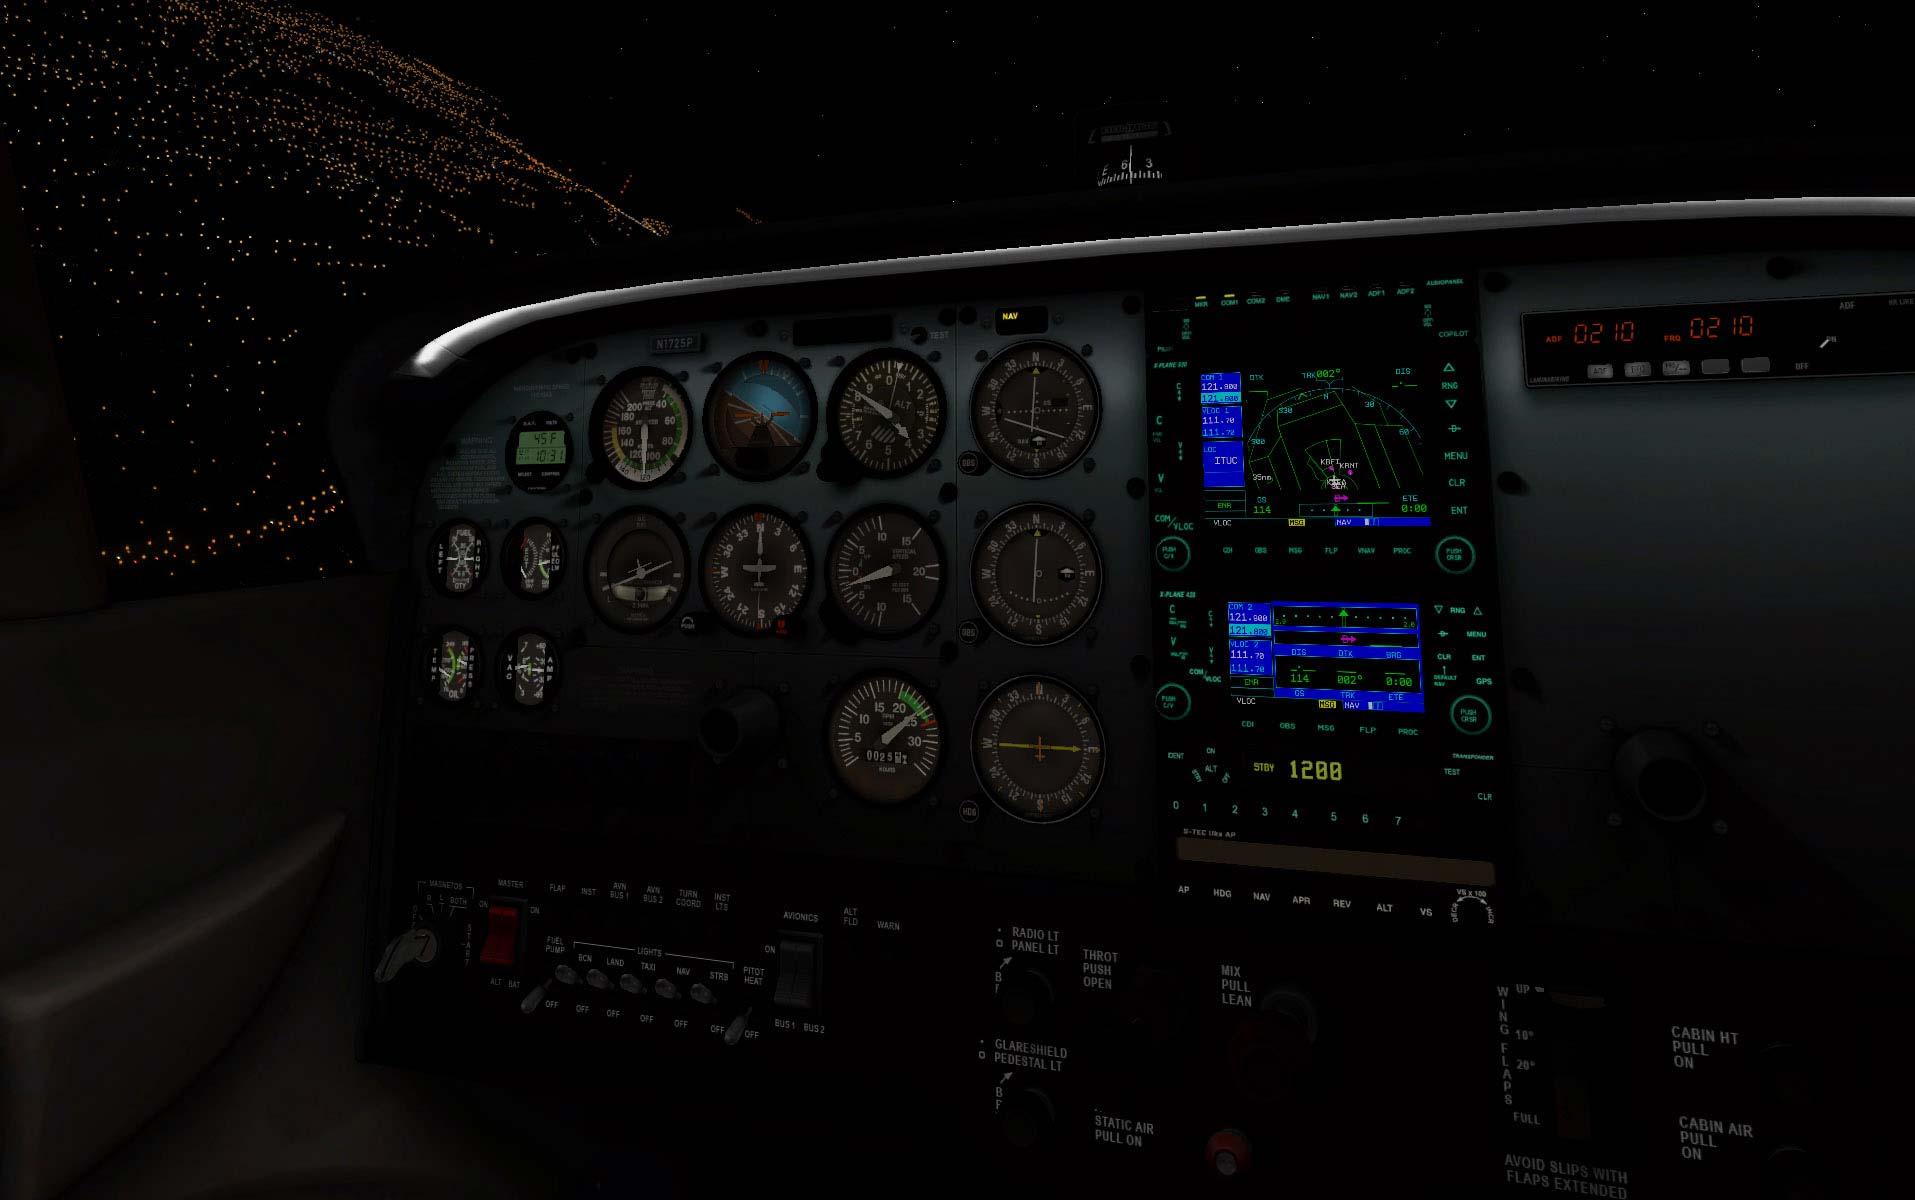 X-Plane 11 - la référence des simulateur de vol - plus puissant